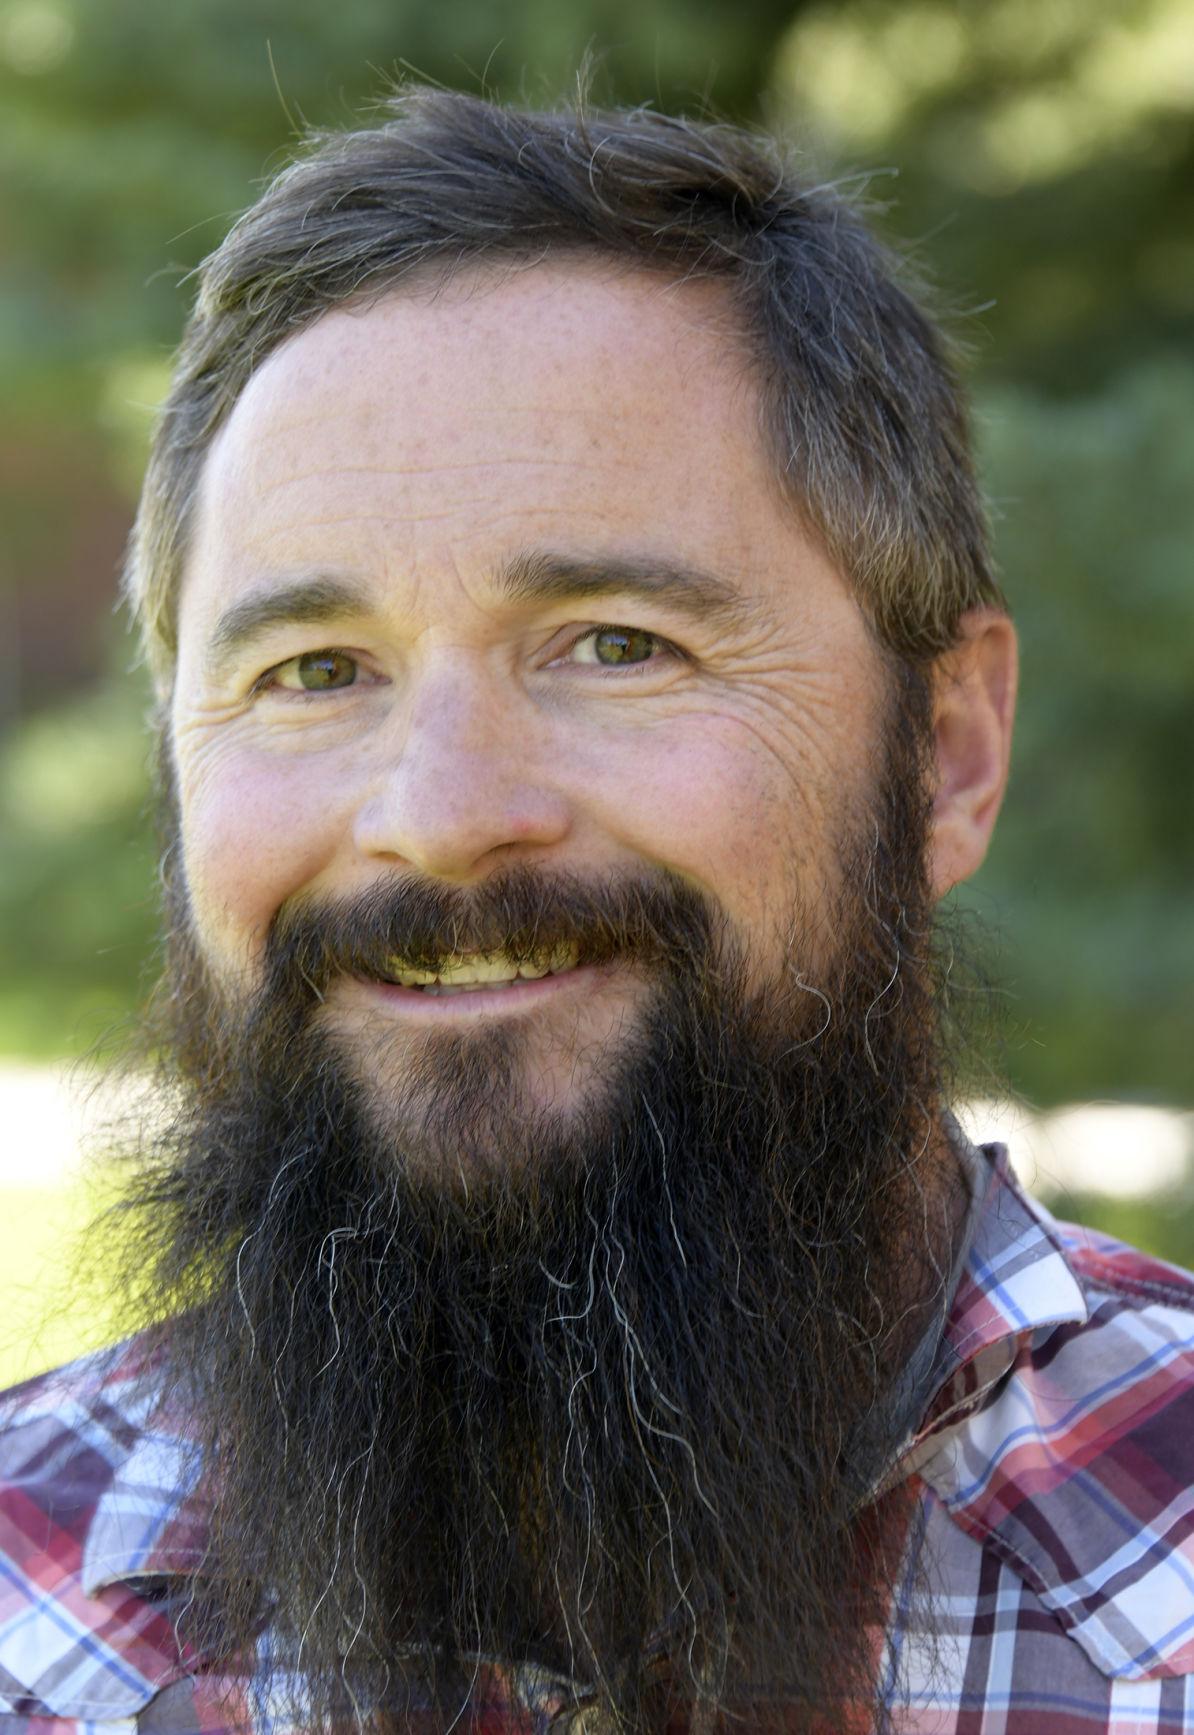 Bellevue Mayor Ned Burns